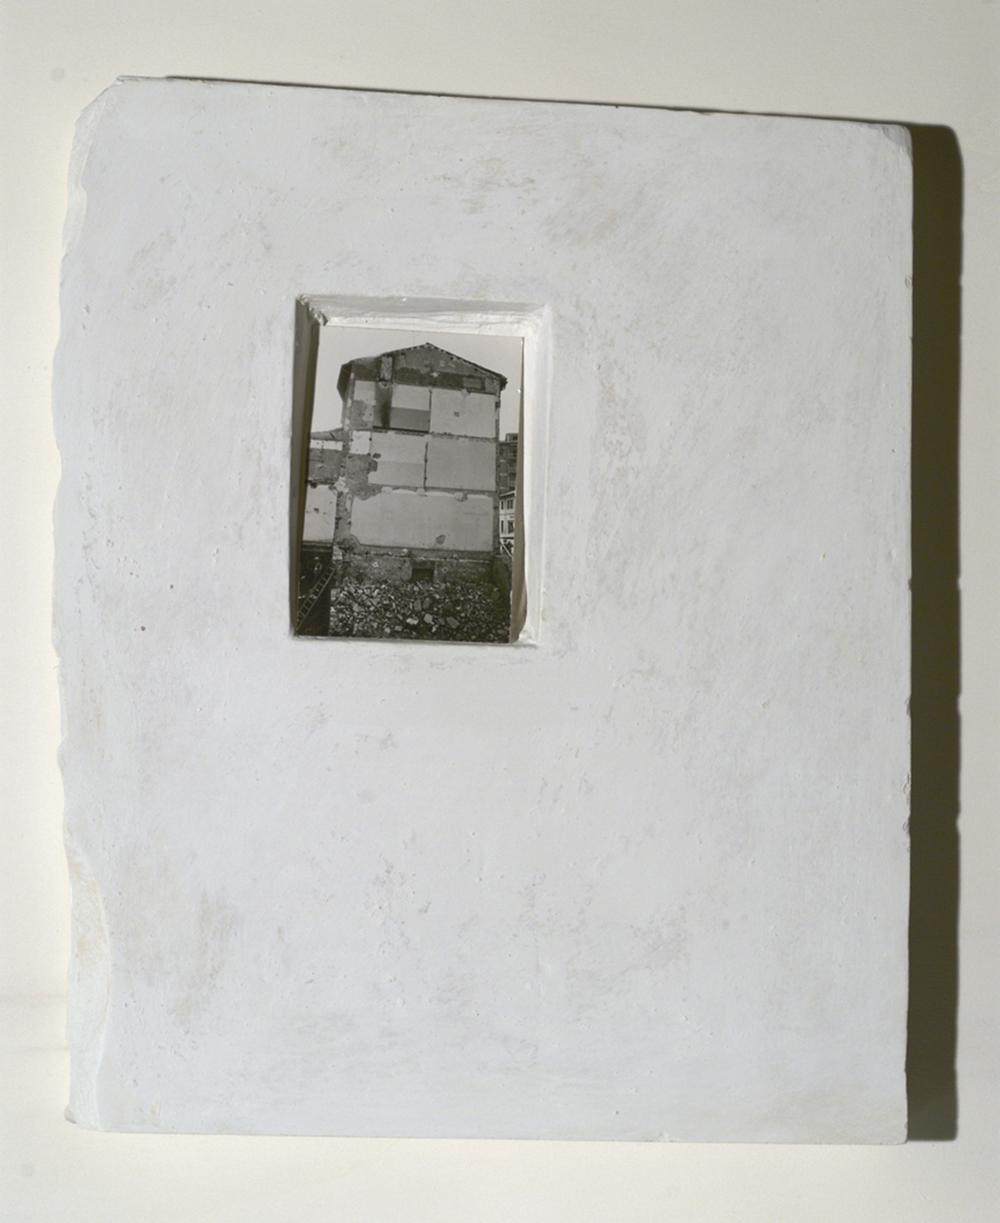 Affreschi, 1972, lastra di gesso con edicola e stampa ai sali d'argento, cm 67x61